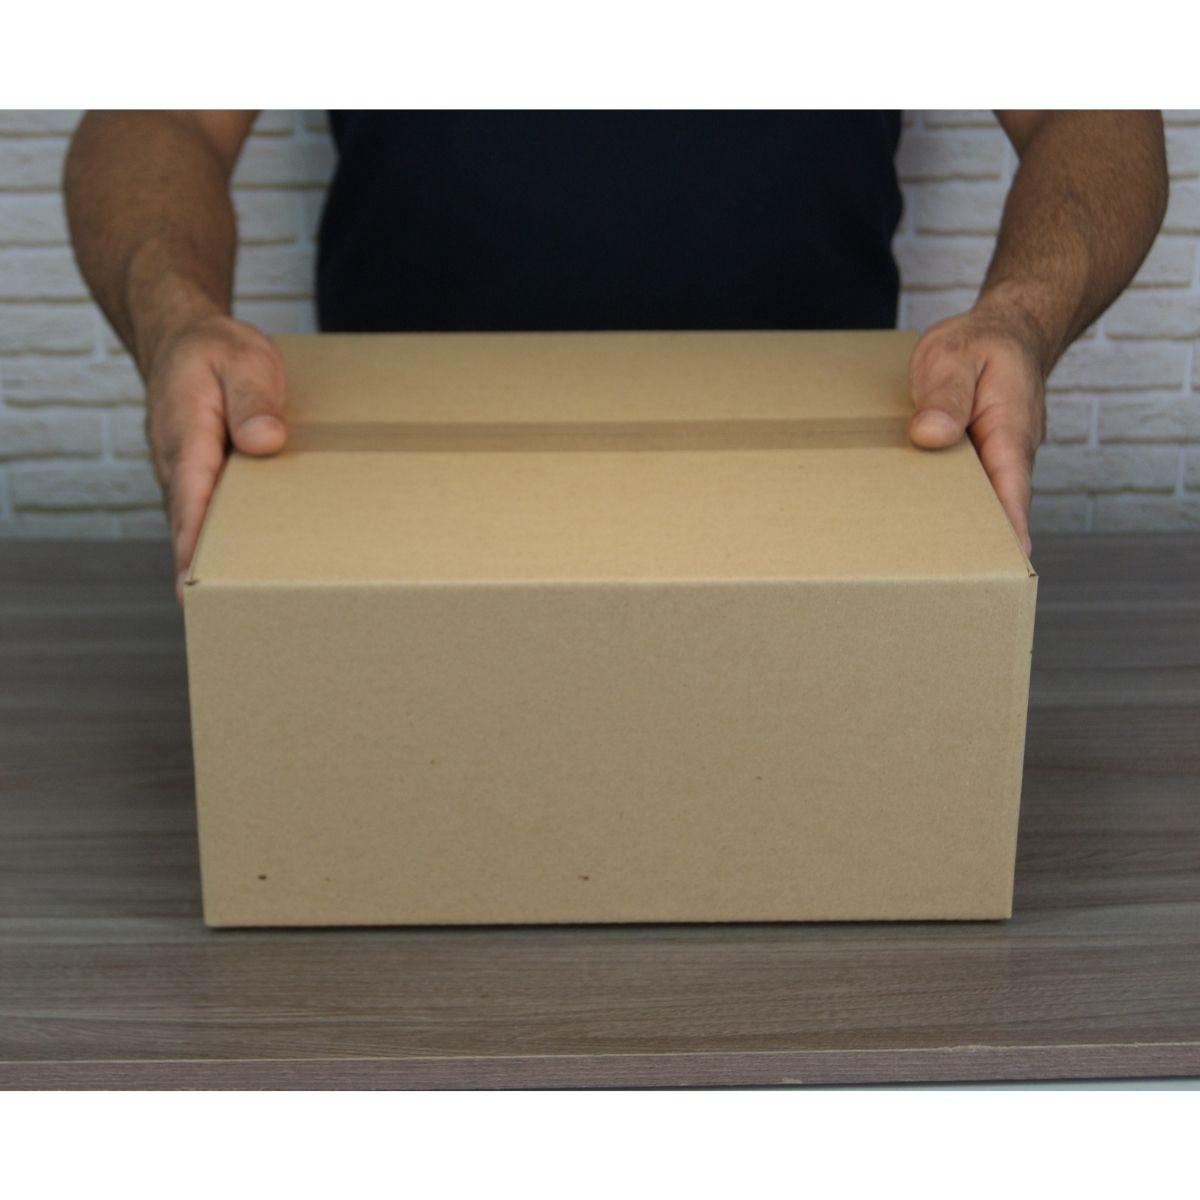 10 Caixas de Papelao (35X35X16)cm - Sedex / Pac / Correios